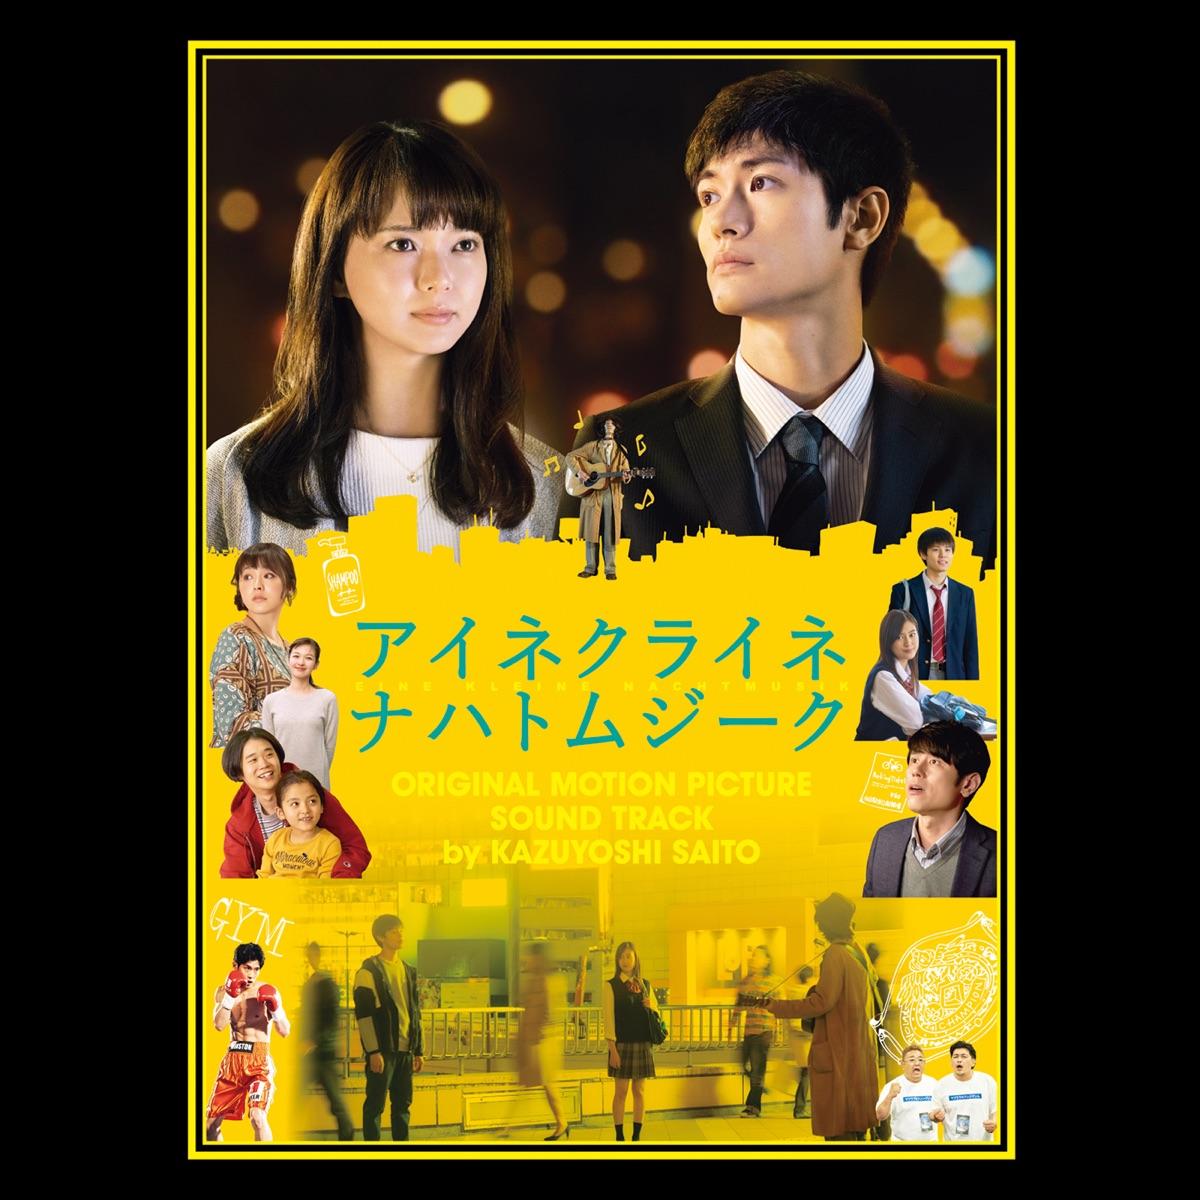 『斉藤和義小さな夜』収録の『小さな夜~映画「アイネクライネナハトムジーク」オリジナルサウンドトラック~』ジャケット